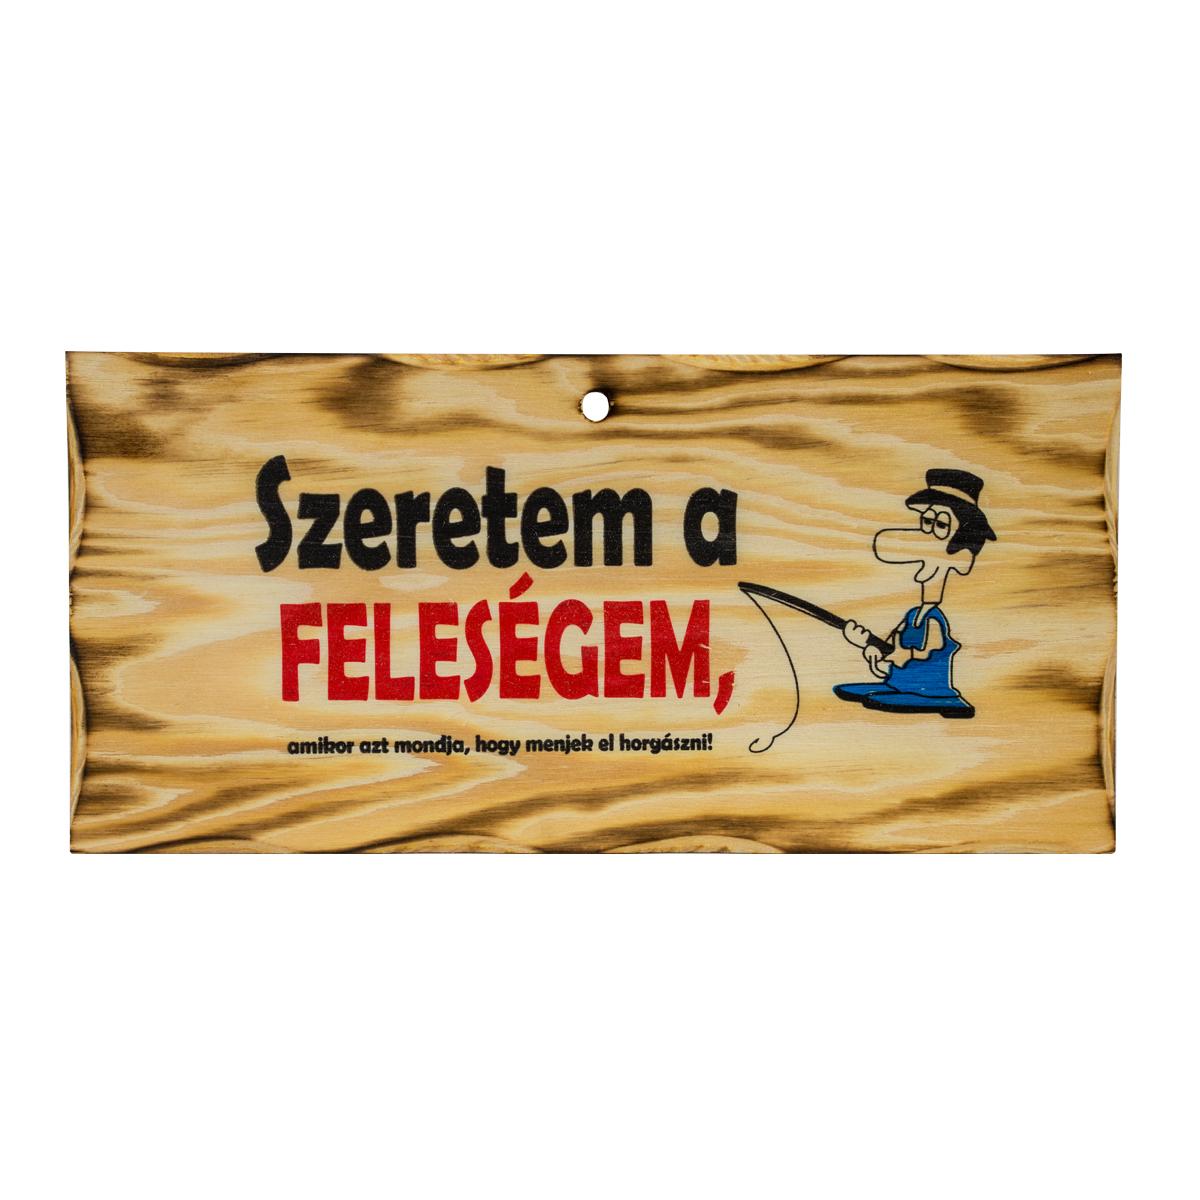 FATÁBLA SZERETEM A FELESÉGEM, AMIKOR AZT MONDJA, HOGY..